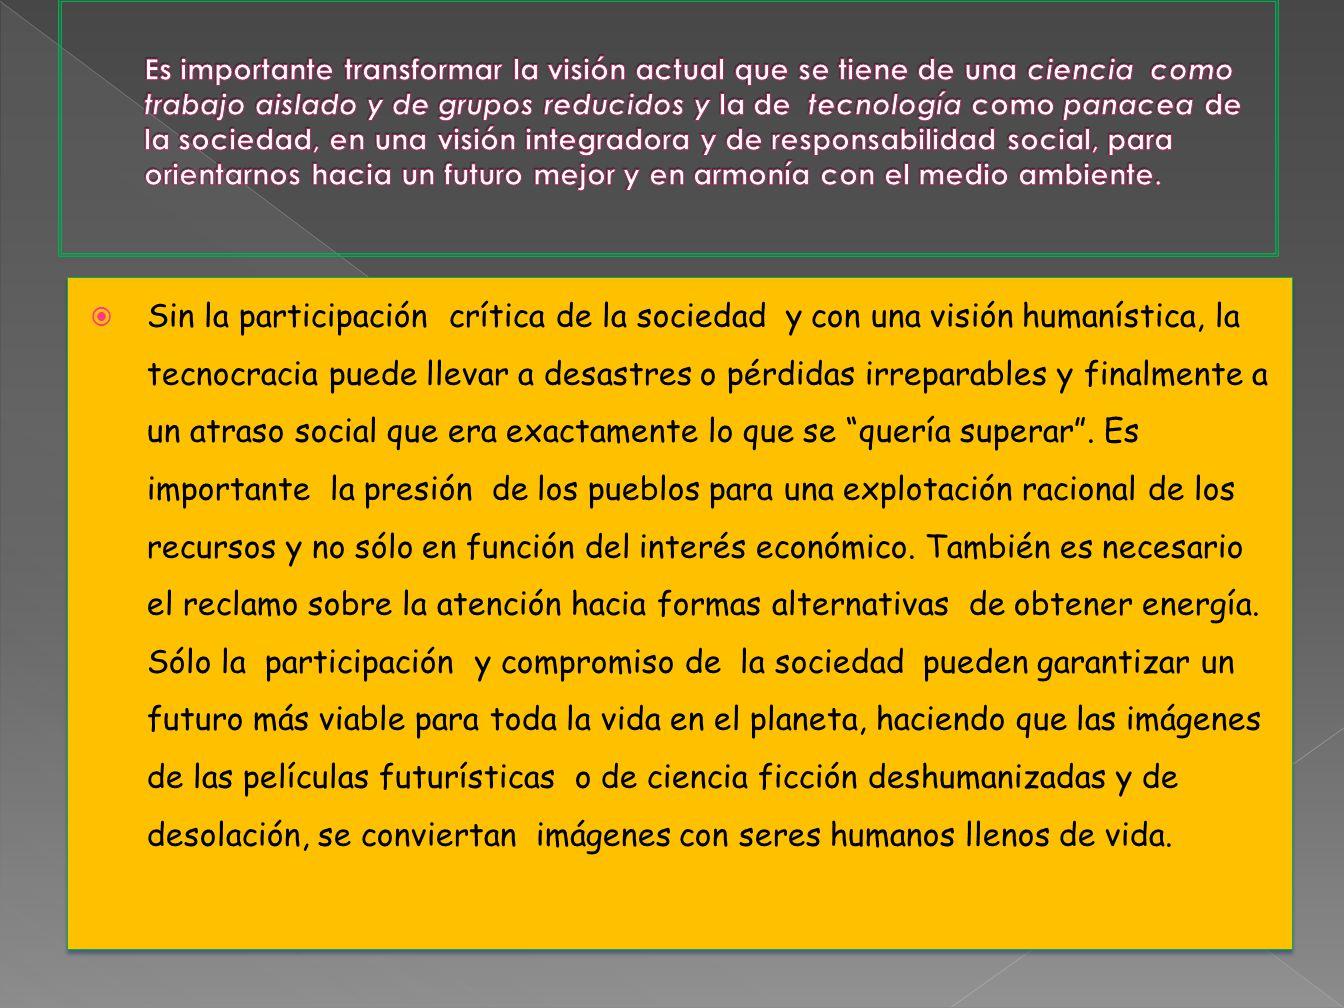 1- Leer el texto sobre Fracking 2- Representar con un dibujo el significado del texto 3- Relacione los conceptos de interdisciplina y tecnociencia usando la pirámide.